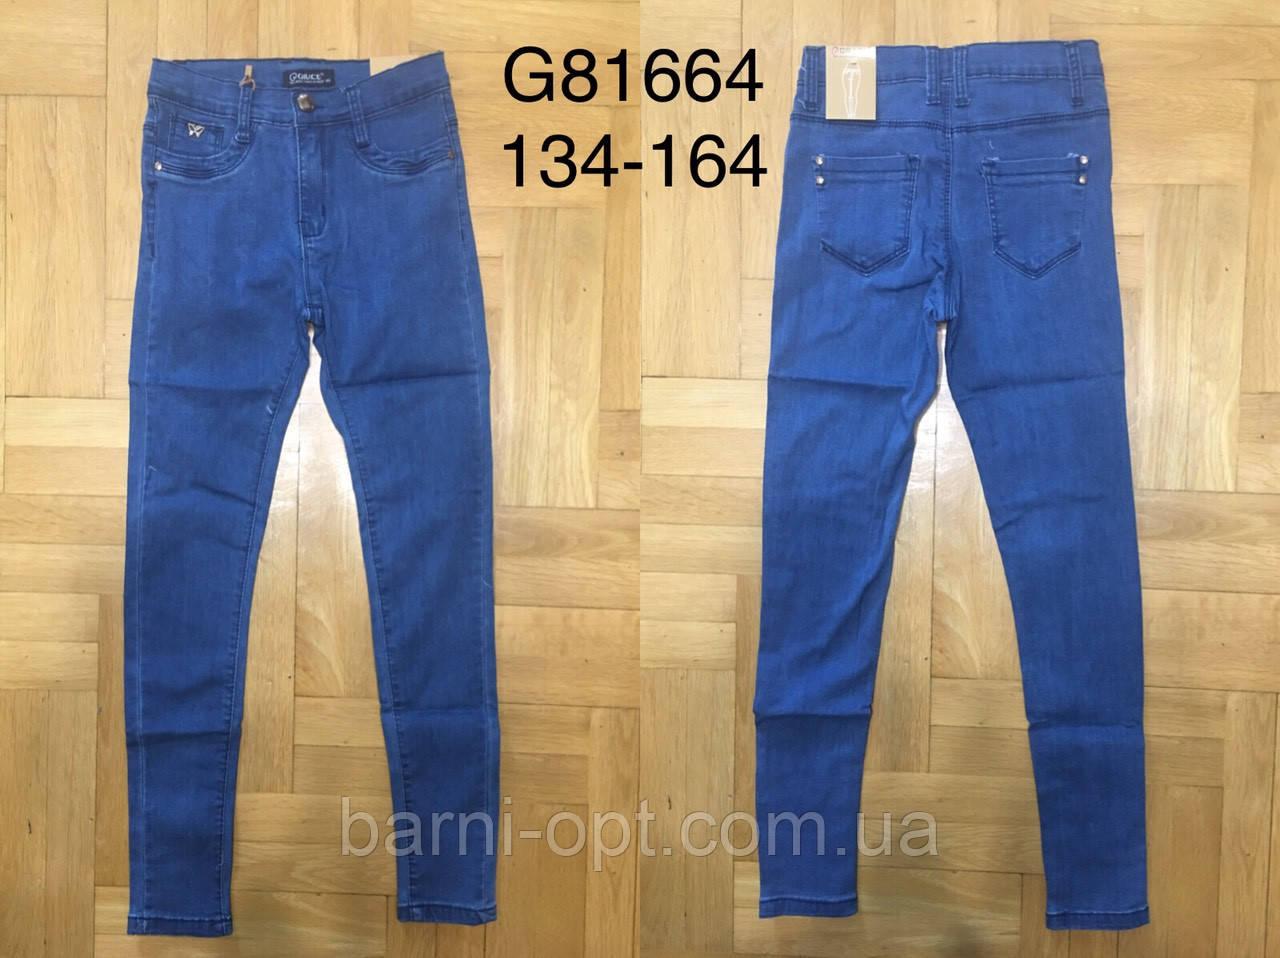 Джинсовые брюки для девочек оптом, Grace ,134-164рр.